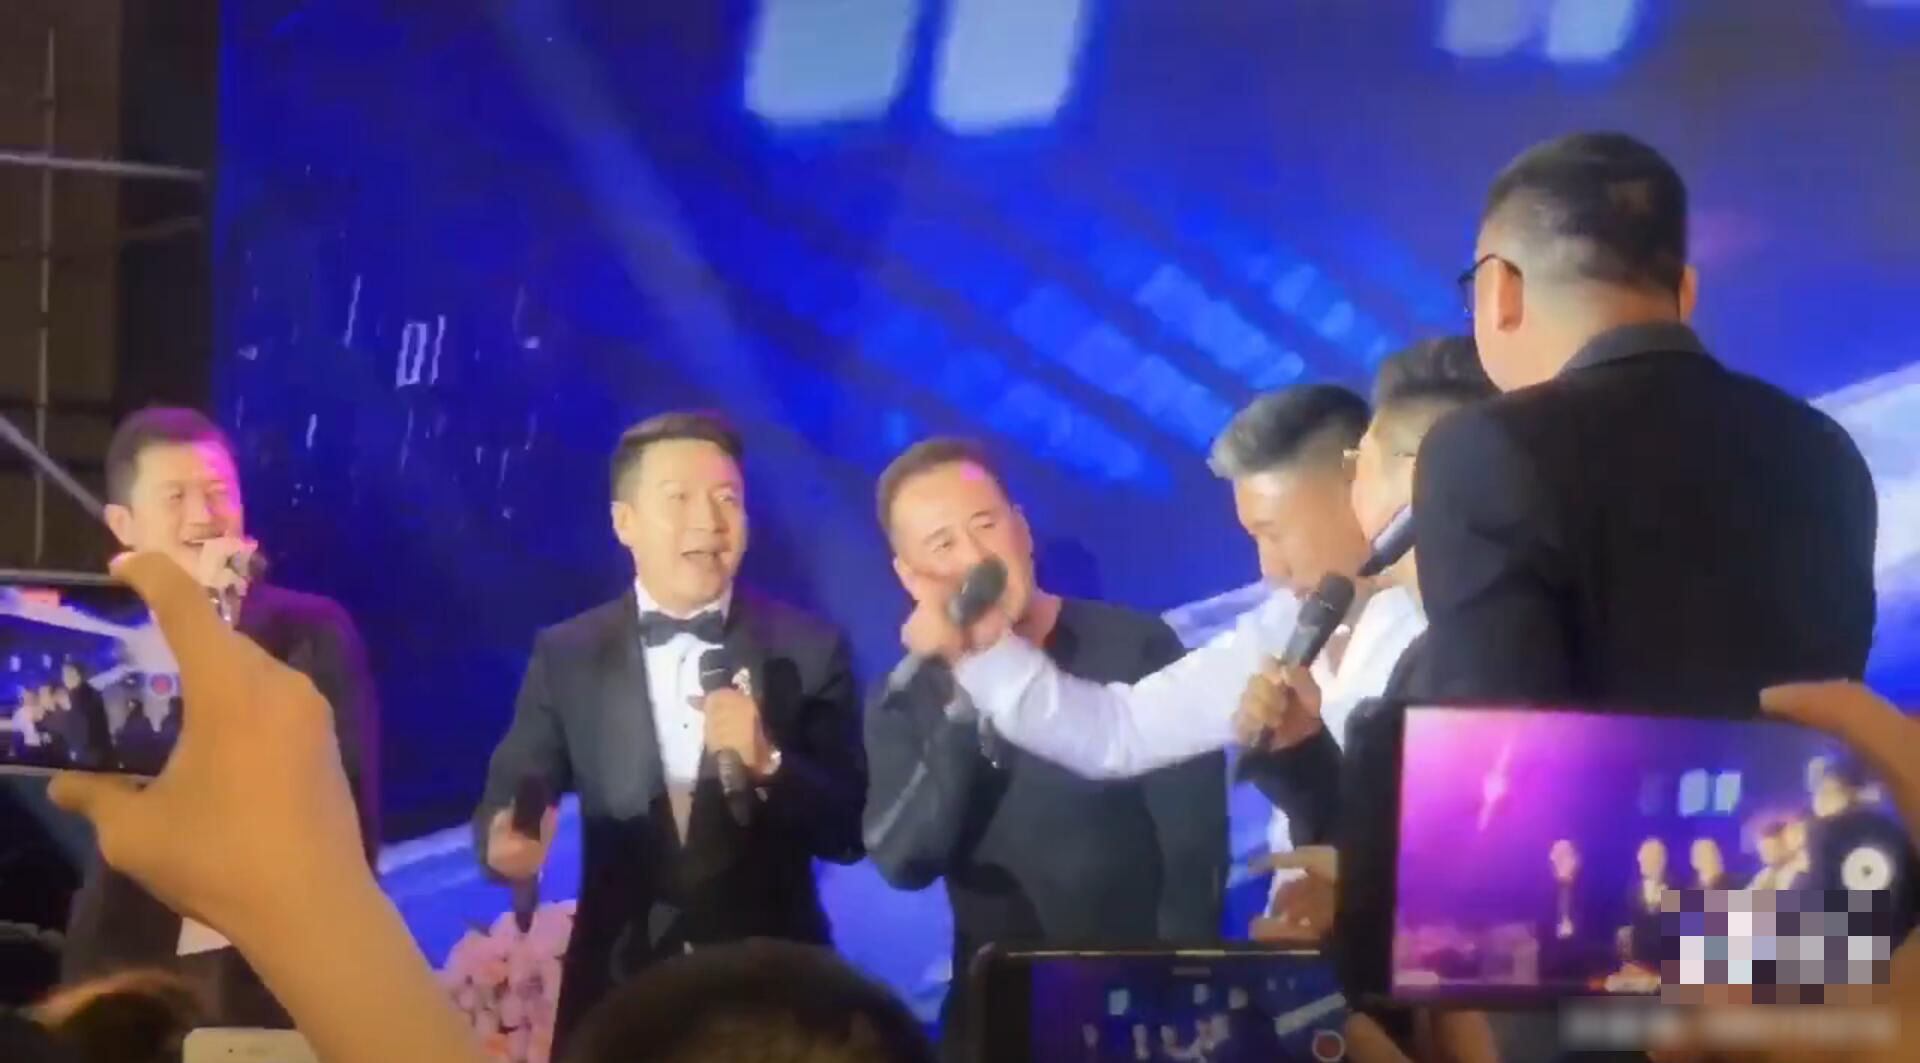 老男孩组合!李亚鹏杨坤胡海泉参加好友婚礼,登台献唱放飞自我